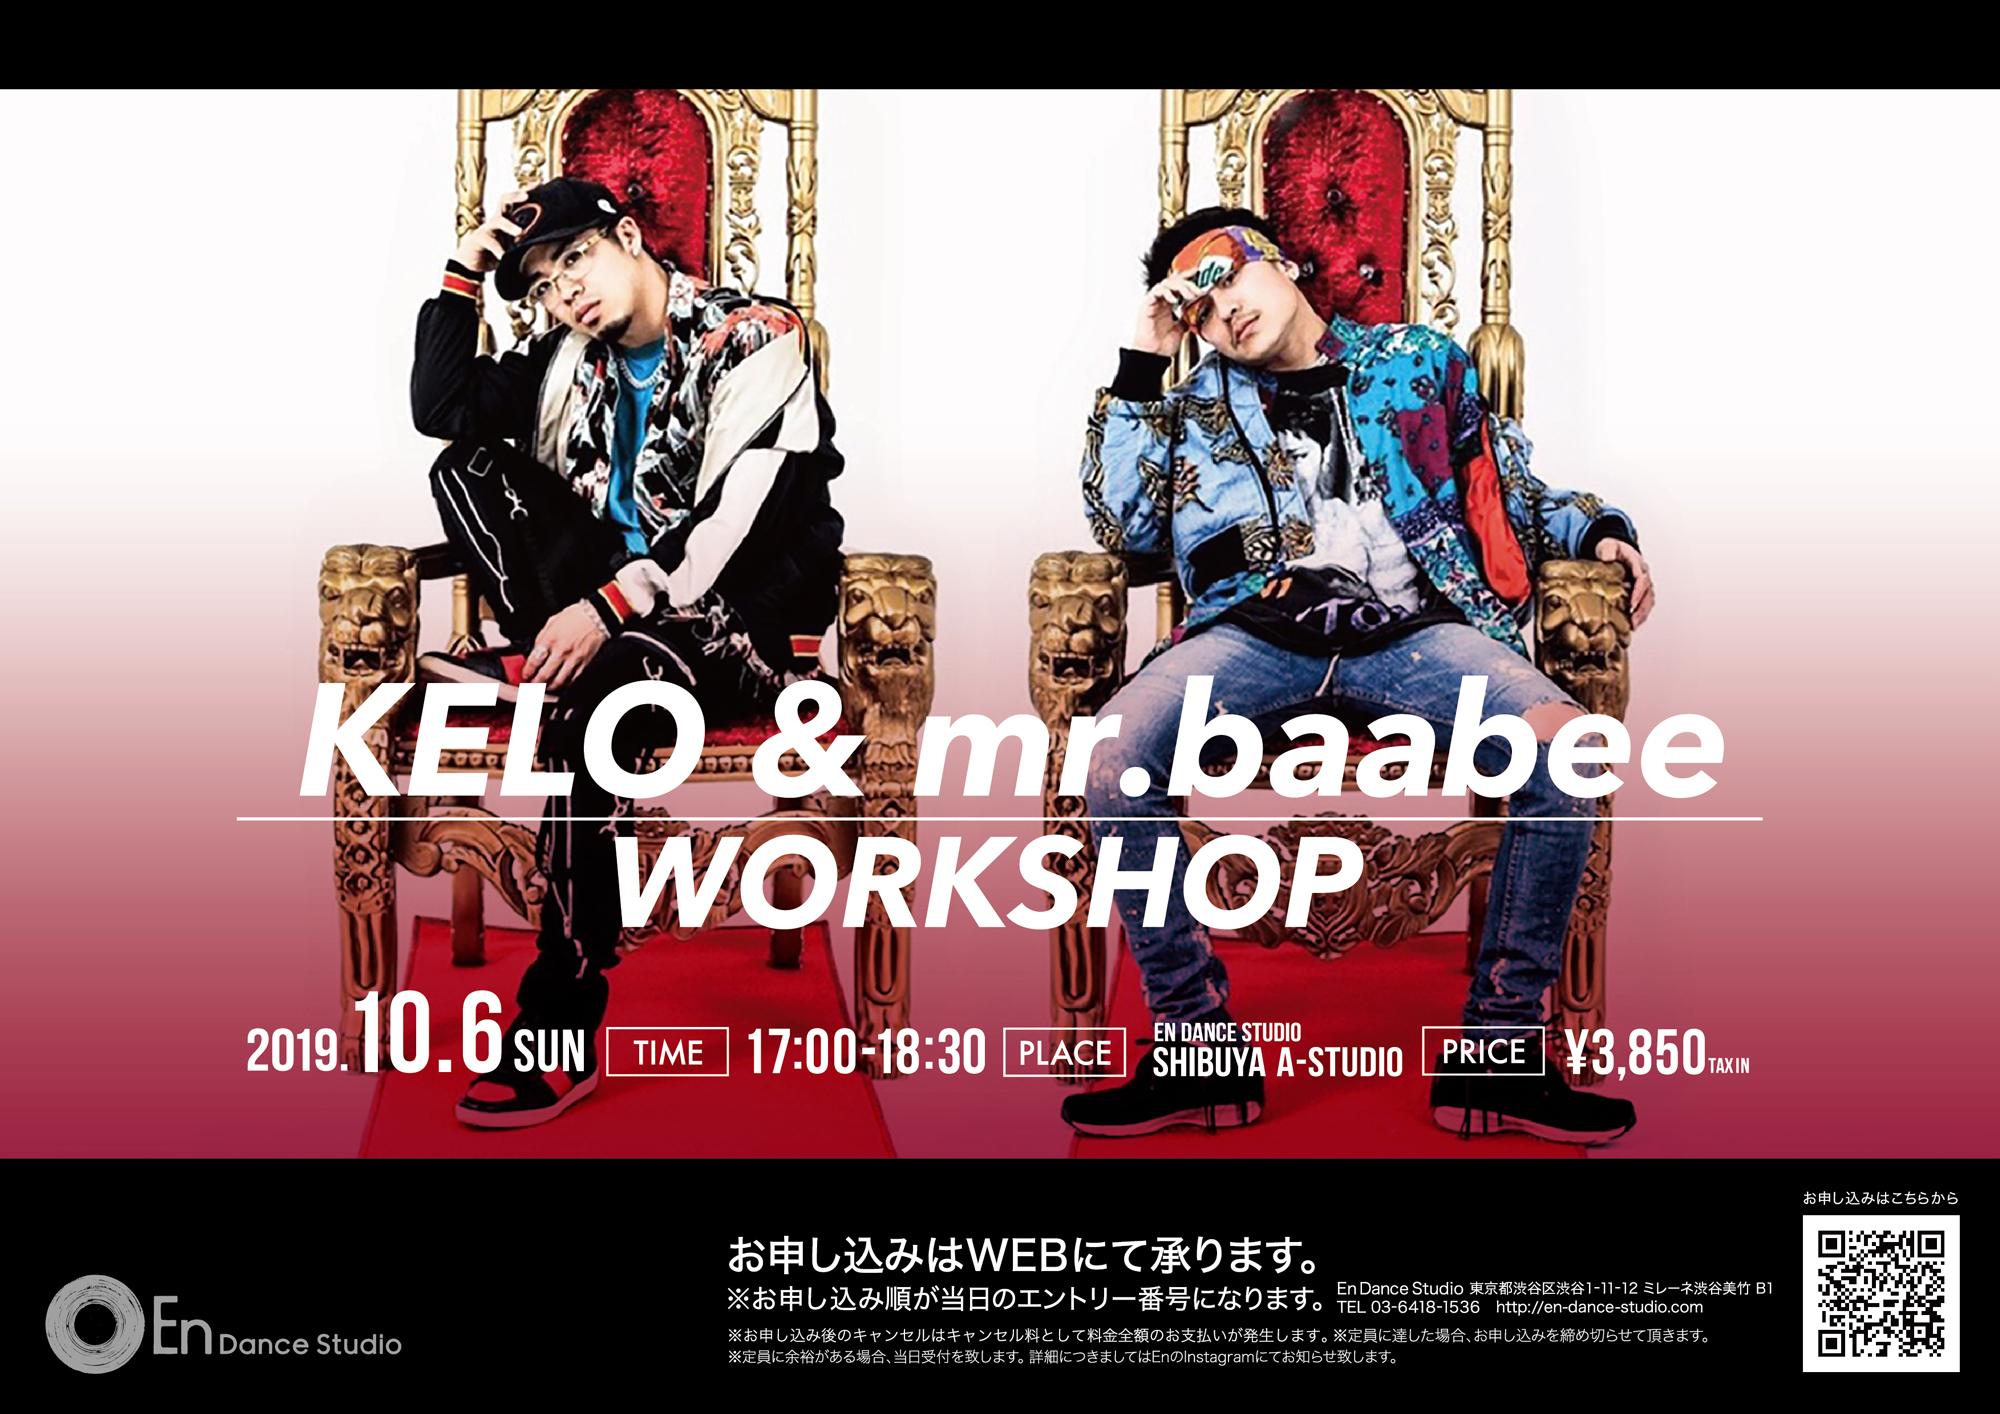 kelo_baabee_02